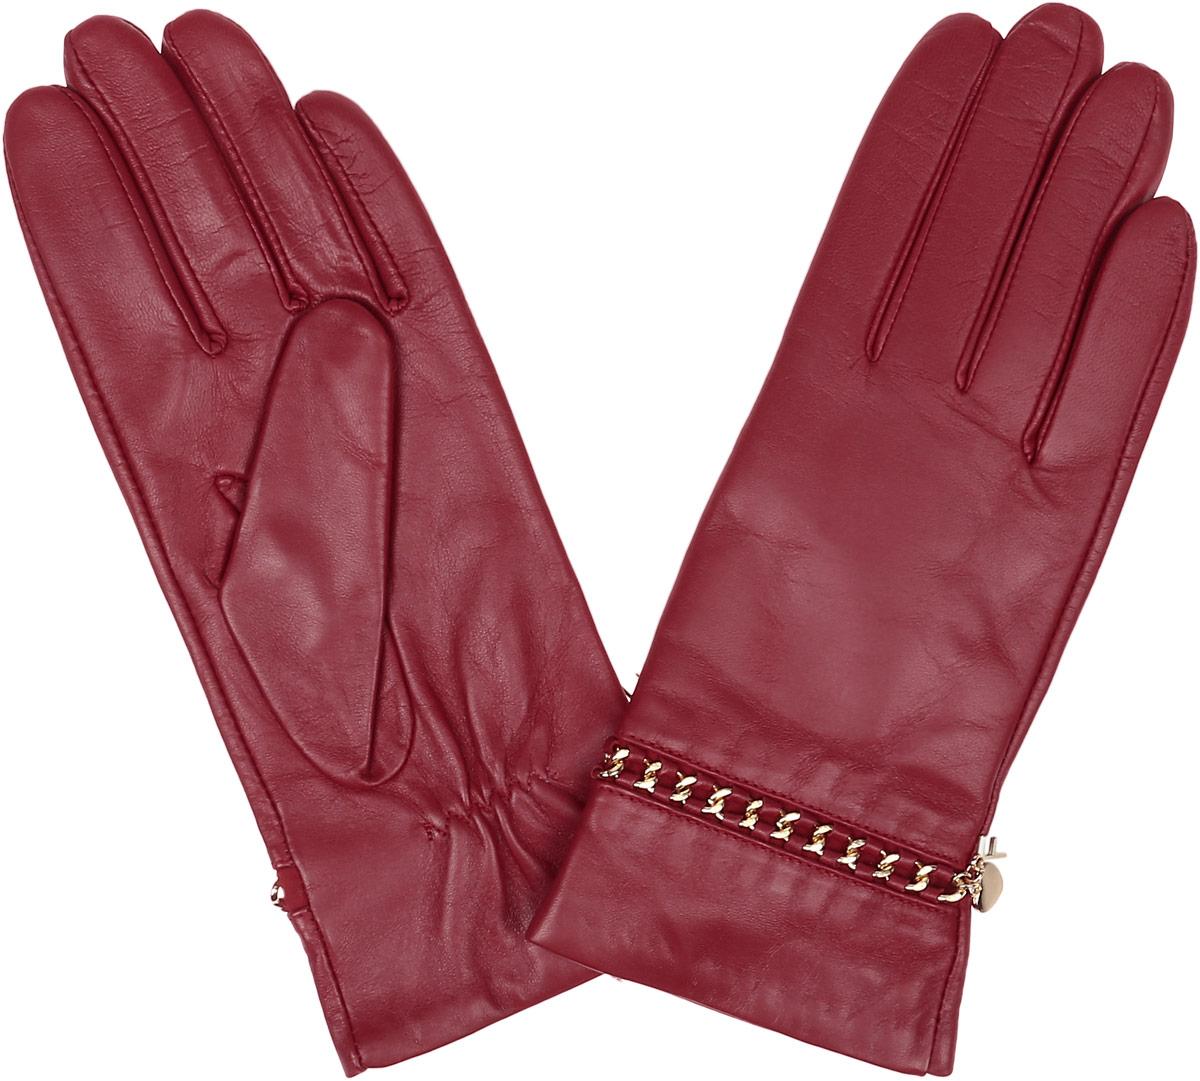 Перчатки9.87-11 blueСтильные женские перчатки Fabretti не только защитят ваши руки, но и станут великолепным украшением. Перчатки выполнены из натуральной кожи ягненка, а их подкладка - из высококачественной шерсти с добавлением кашемира. Модель оформлена металлическими звеньями и дополнена на запястье оригинальными строчками-стежками. Стильный аксессуар для повседневного образа.